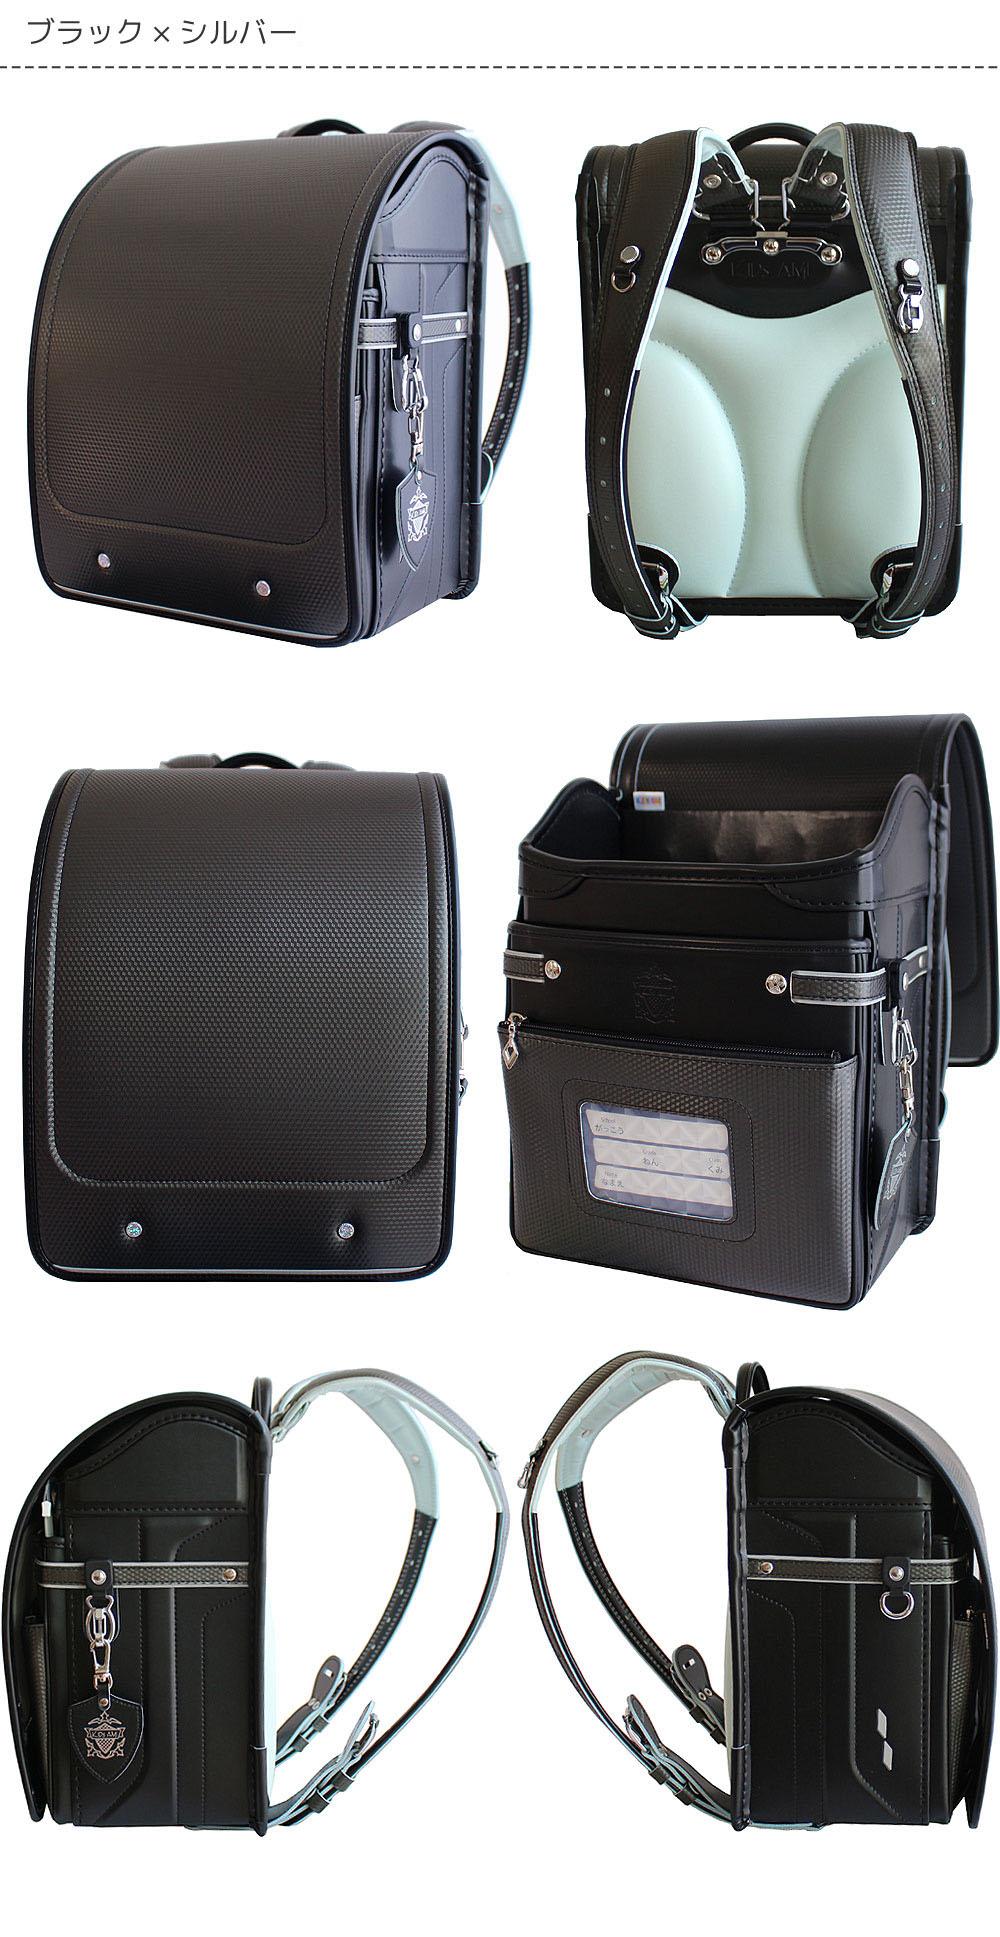 2019年 ランドセル 男の子 KIDS AMI キッズアミ 27105 ウイング背カン トレンド ランドセル カーボン柄 A4フラットファイル対応 ナース鞄工 正規品 ナース鞄工 プレゼント